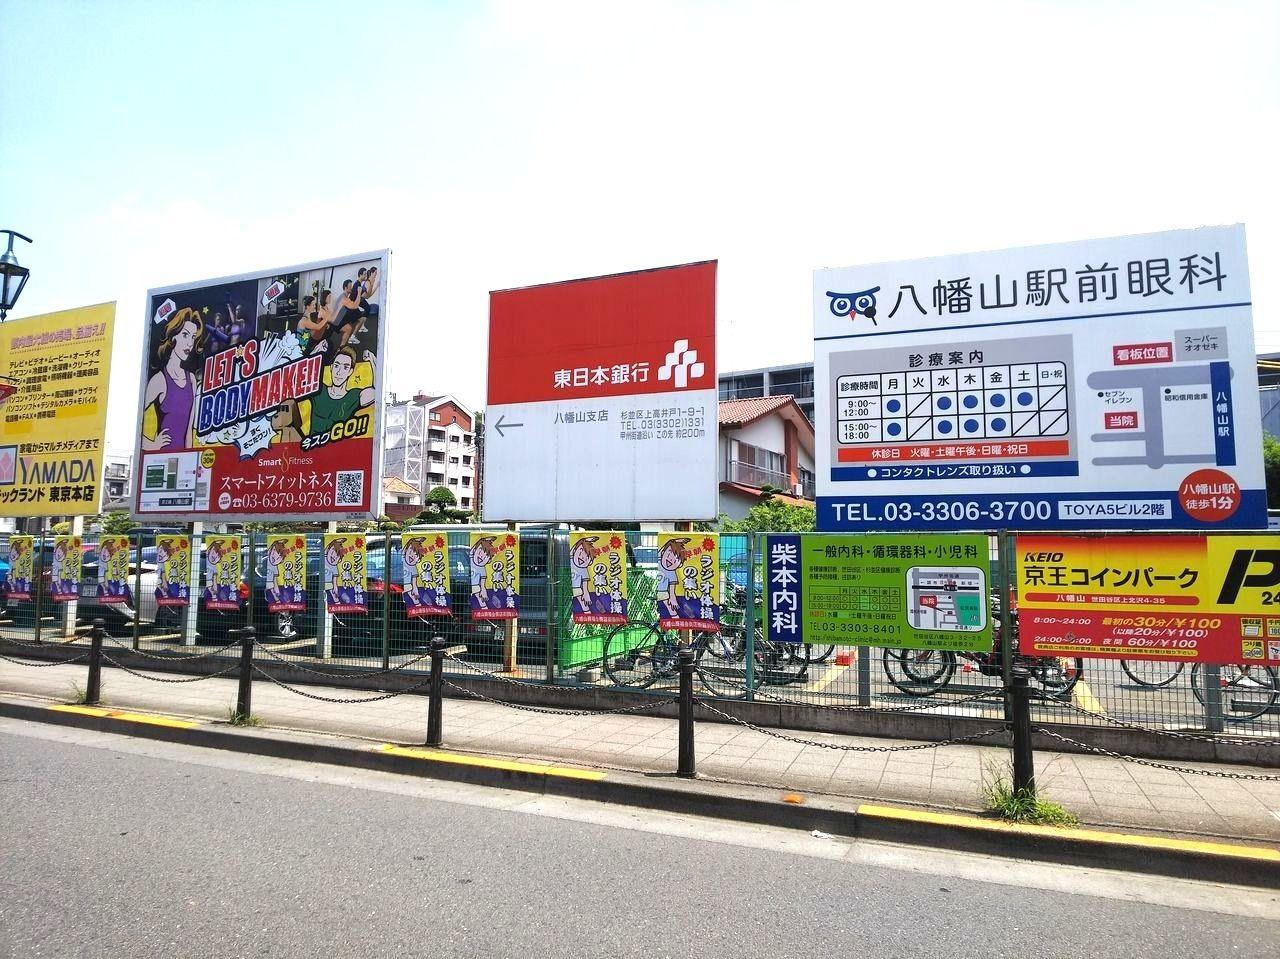 八幡山「ラジオ体操の集い」の開催場所の京王コインパークです。スーパーオオゼキの隣になります。